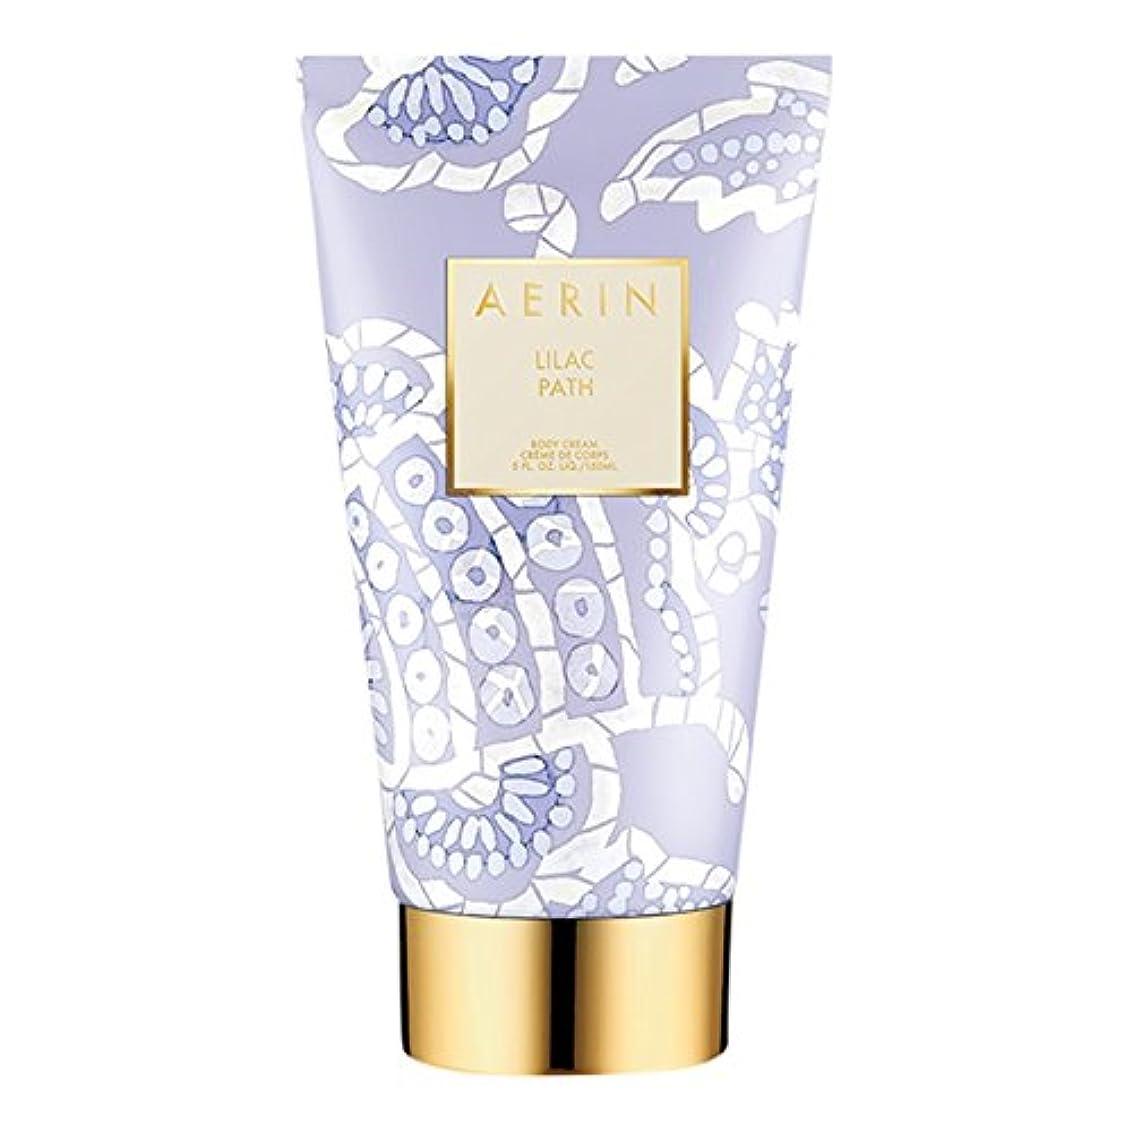 砂利クラシカルすべてAerinライラックパスボディクリーム150ミリリットル (AERIN) (x6) - AERIN Lilac Path Body Cream 150ml (Pack of 6) [並行輸入品]